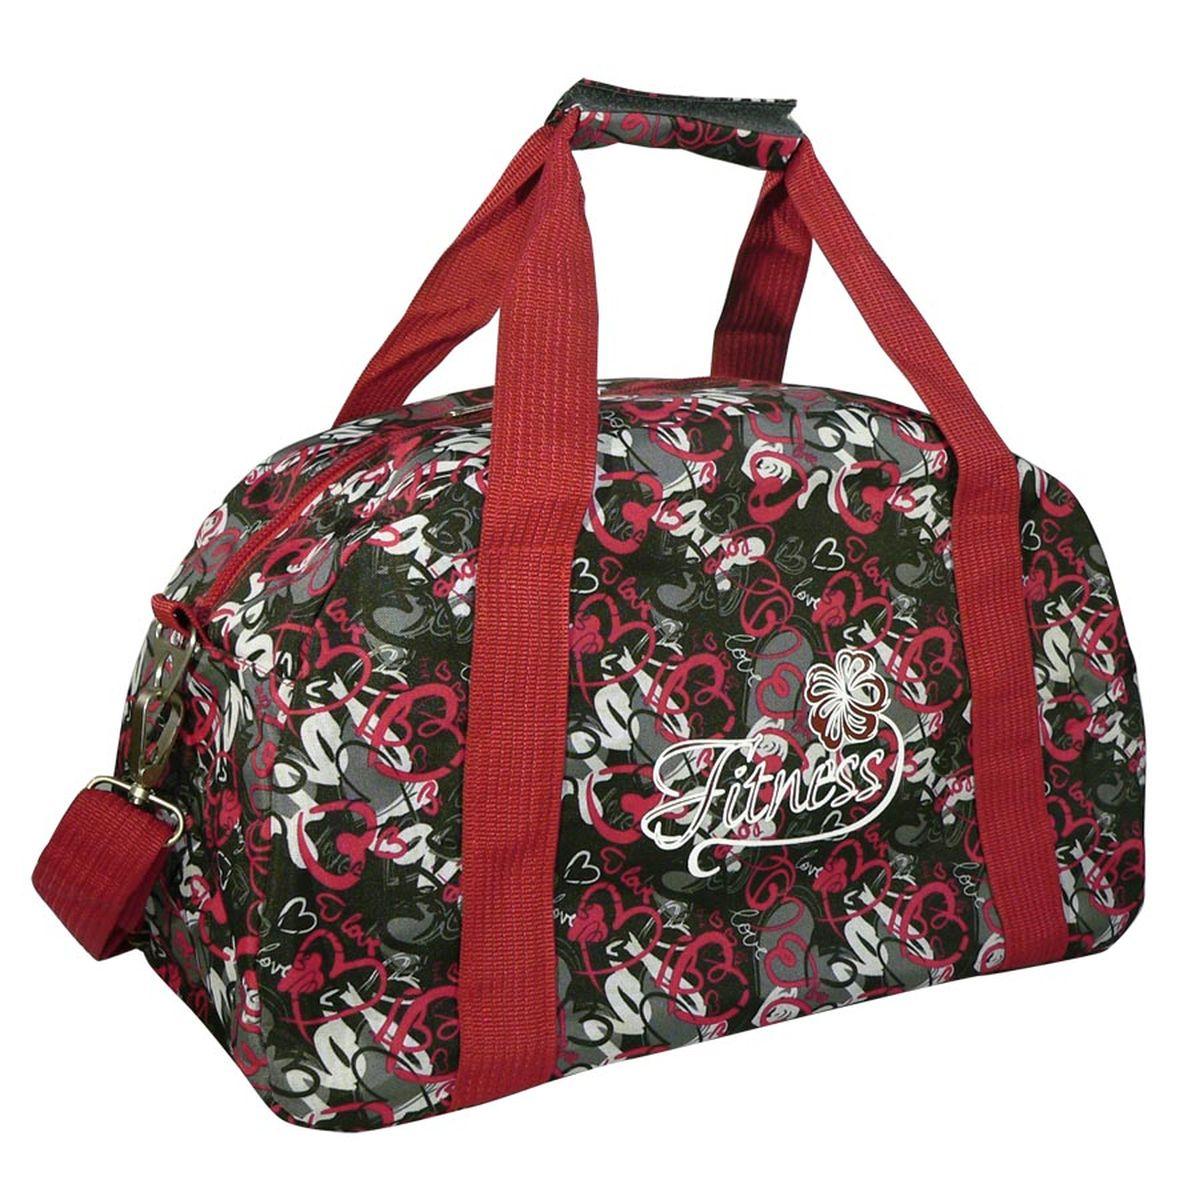 Сумка спортивная Polar, цвет: серый, красный, 20 л. 59975997_серый, красныйМатериал – полиэстер с водоотталкивающей пропиткой. Вместительная спортивная сумка среднего размера. Одно отделение. Карман на молнии сзади сумки. В комплект входит съемный плечевой ремень. Эта сумка идеально подойдет для спорта и отдыха. Спортивная сумка для ваших вещей.